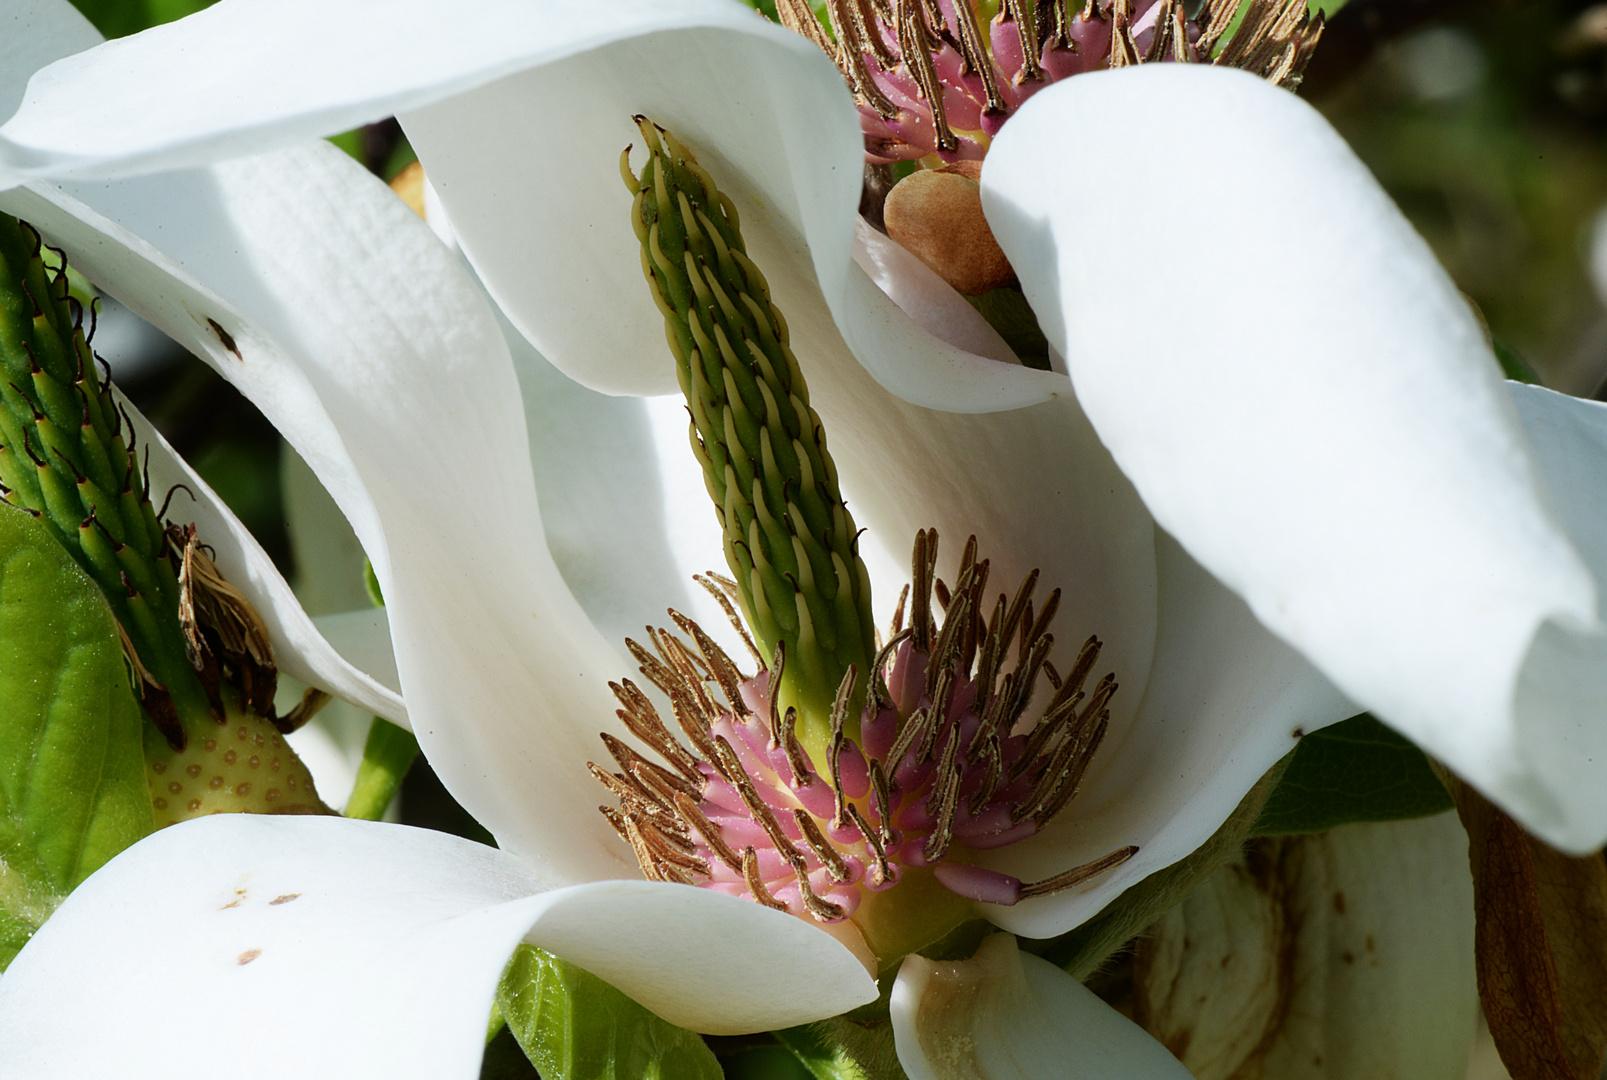 Der Tulpen-Magnolie sehr nahe gekommen